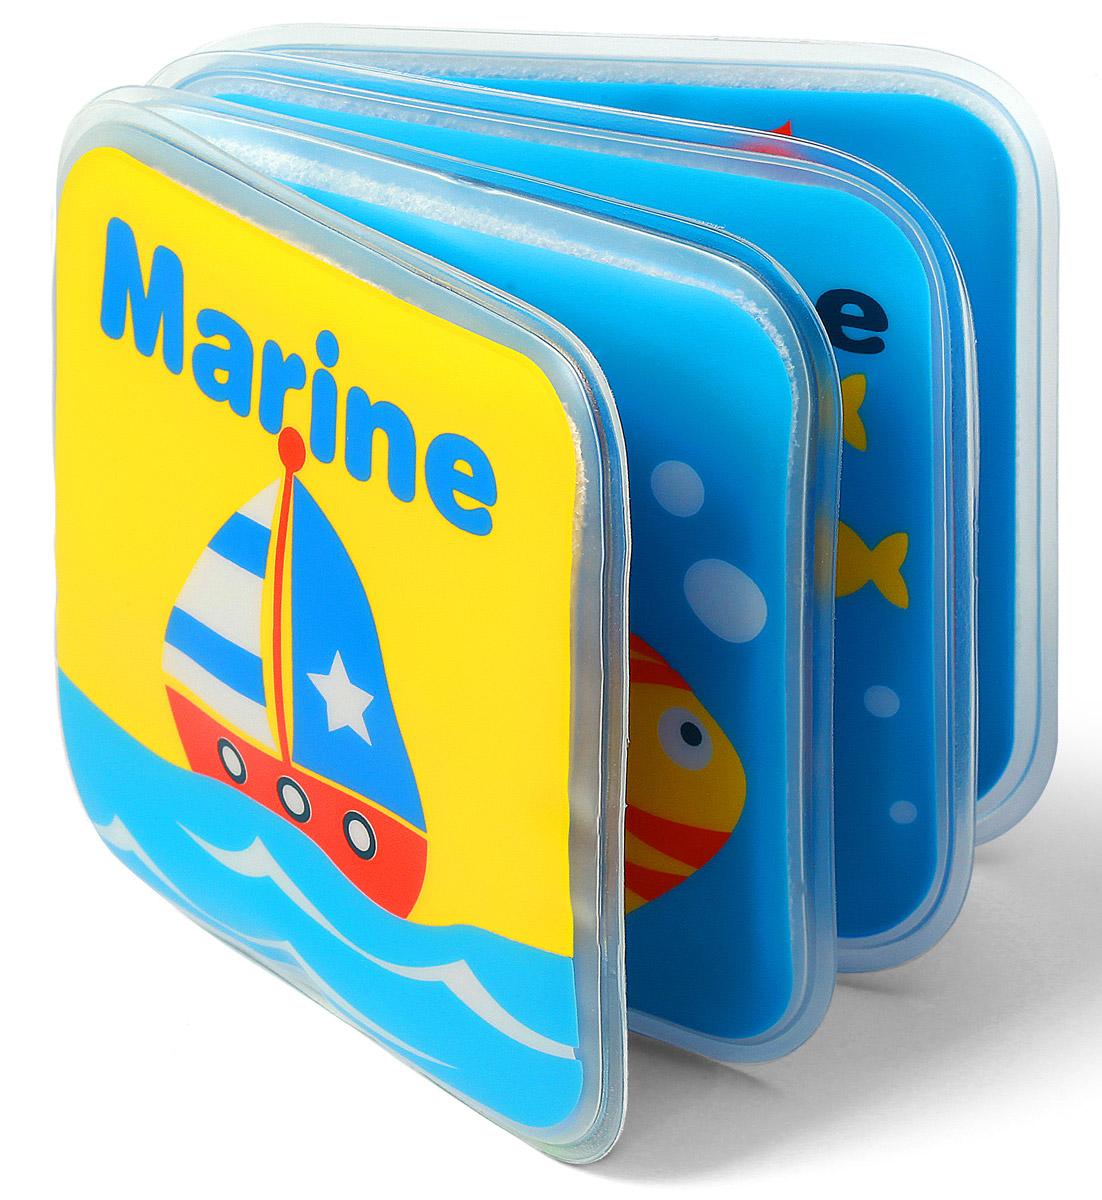 BabyOno Книжка-игрушка Кораблик891_корабликКнижка-игрушка BabyOno - это 8 цветных мягких страниц, которые учат различать цвета и животных. На страничках книжки поселились животные, с которыми малыш с удовольствием познакомится во время купания. Книжечка подойдет не только для ванной, ее можно использовать в обычной игре малыша в комнате или на прогулке. Яркие странички книжки пищат при нажатии, чем привлекут внимание ребенка. Книжка-пищалка развивает мануальные способности. Интенсивные цвета и различные формы вызывают интерес и привлекают внимание ребенка. Книжка изготовлена из безопасных, прочных и нетоксичных материалов. Не содержит бисфенол А.